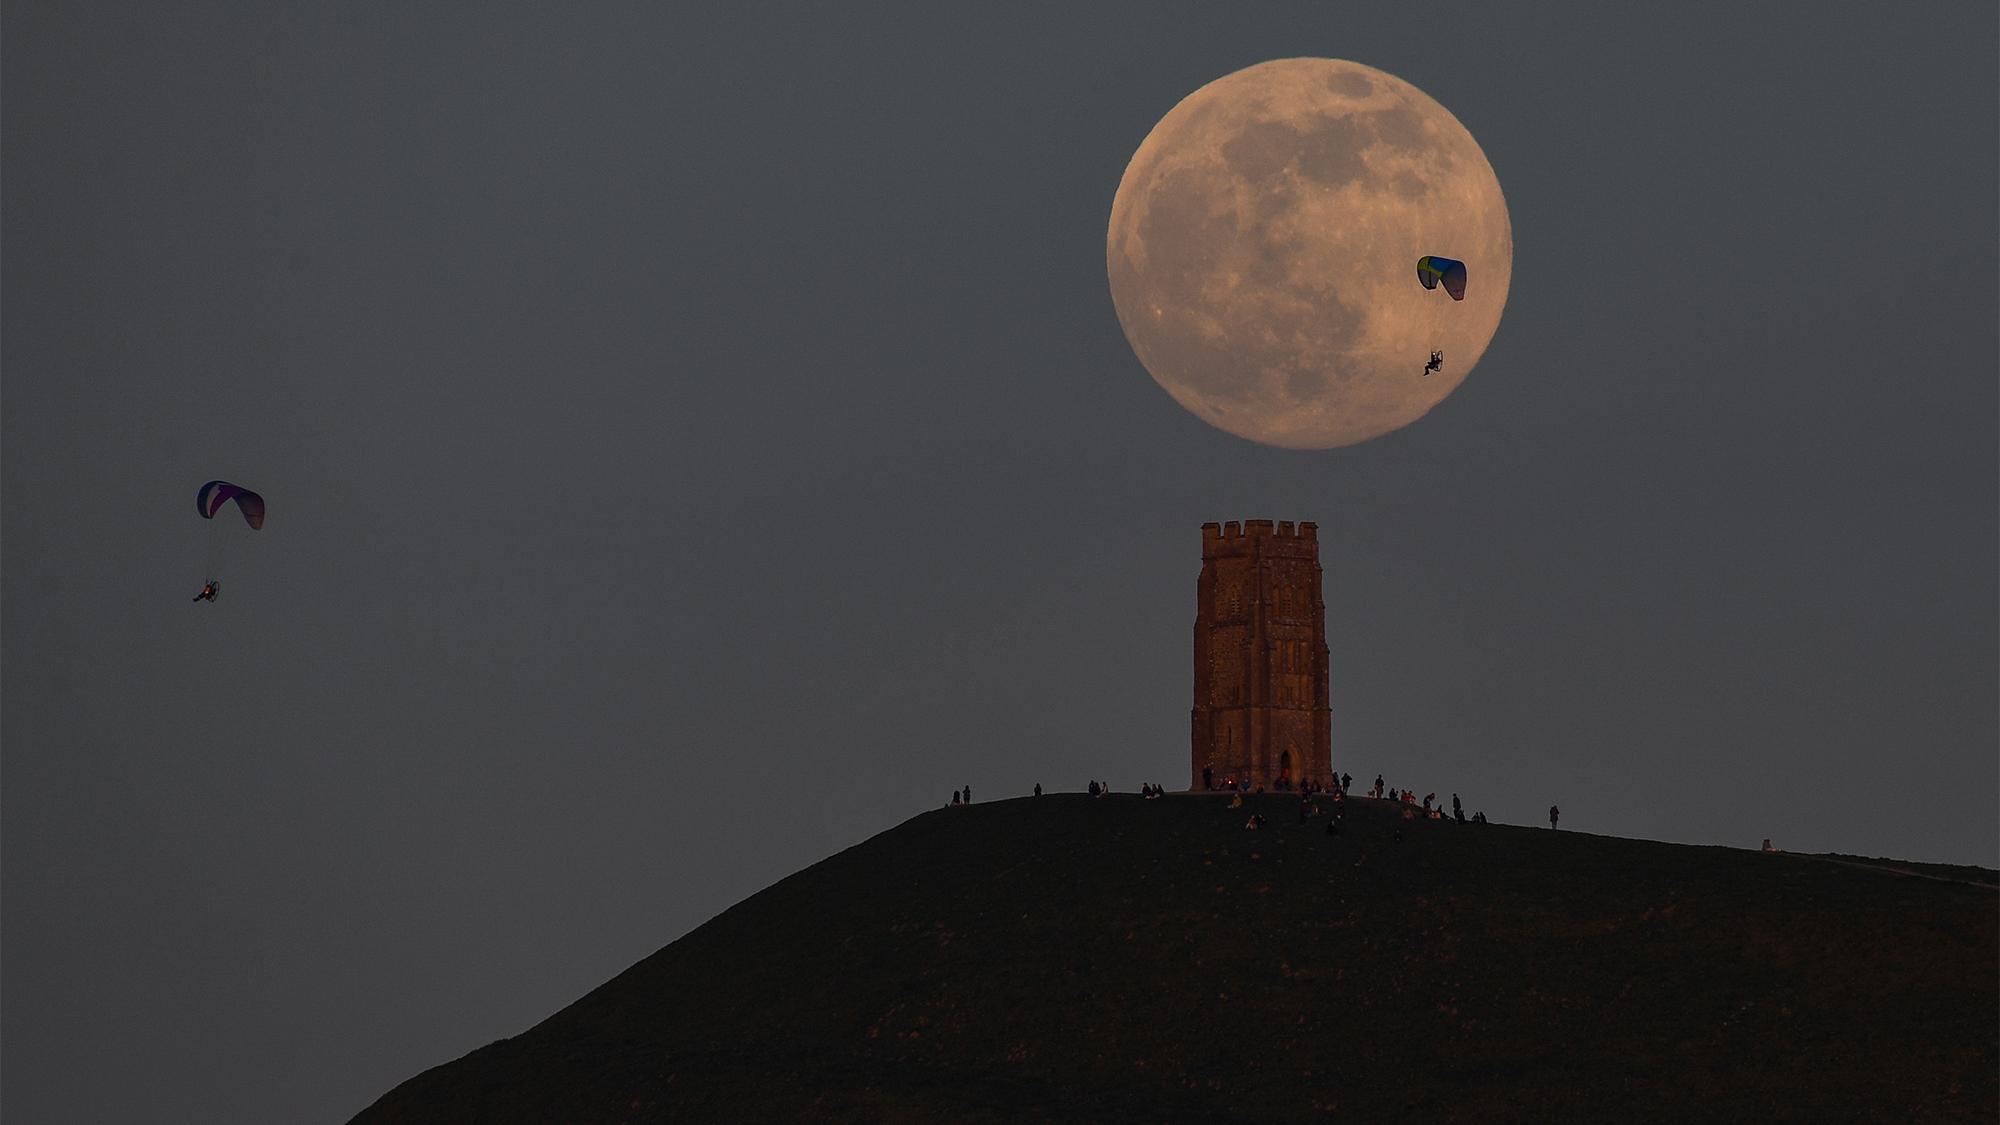 La Super Lune Rose se lève dans le ciel nocturne au-dessus de Glastonbury, en Angleterre, le 26 avril 2021.